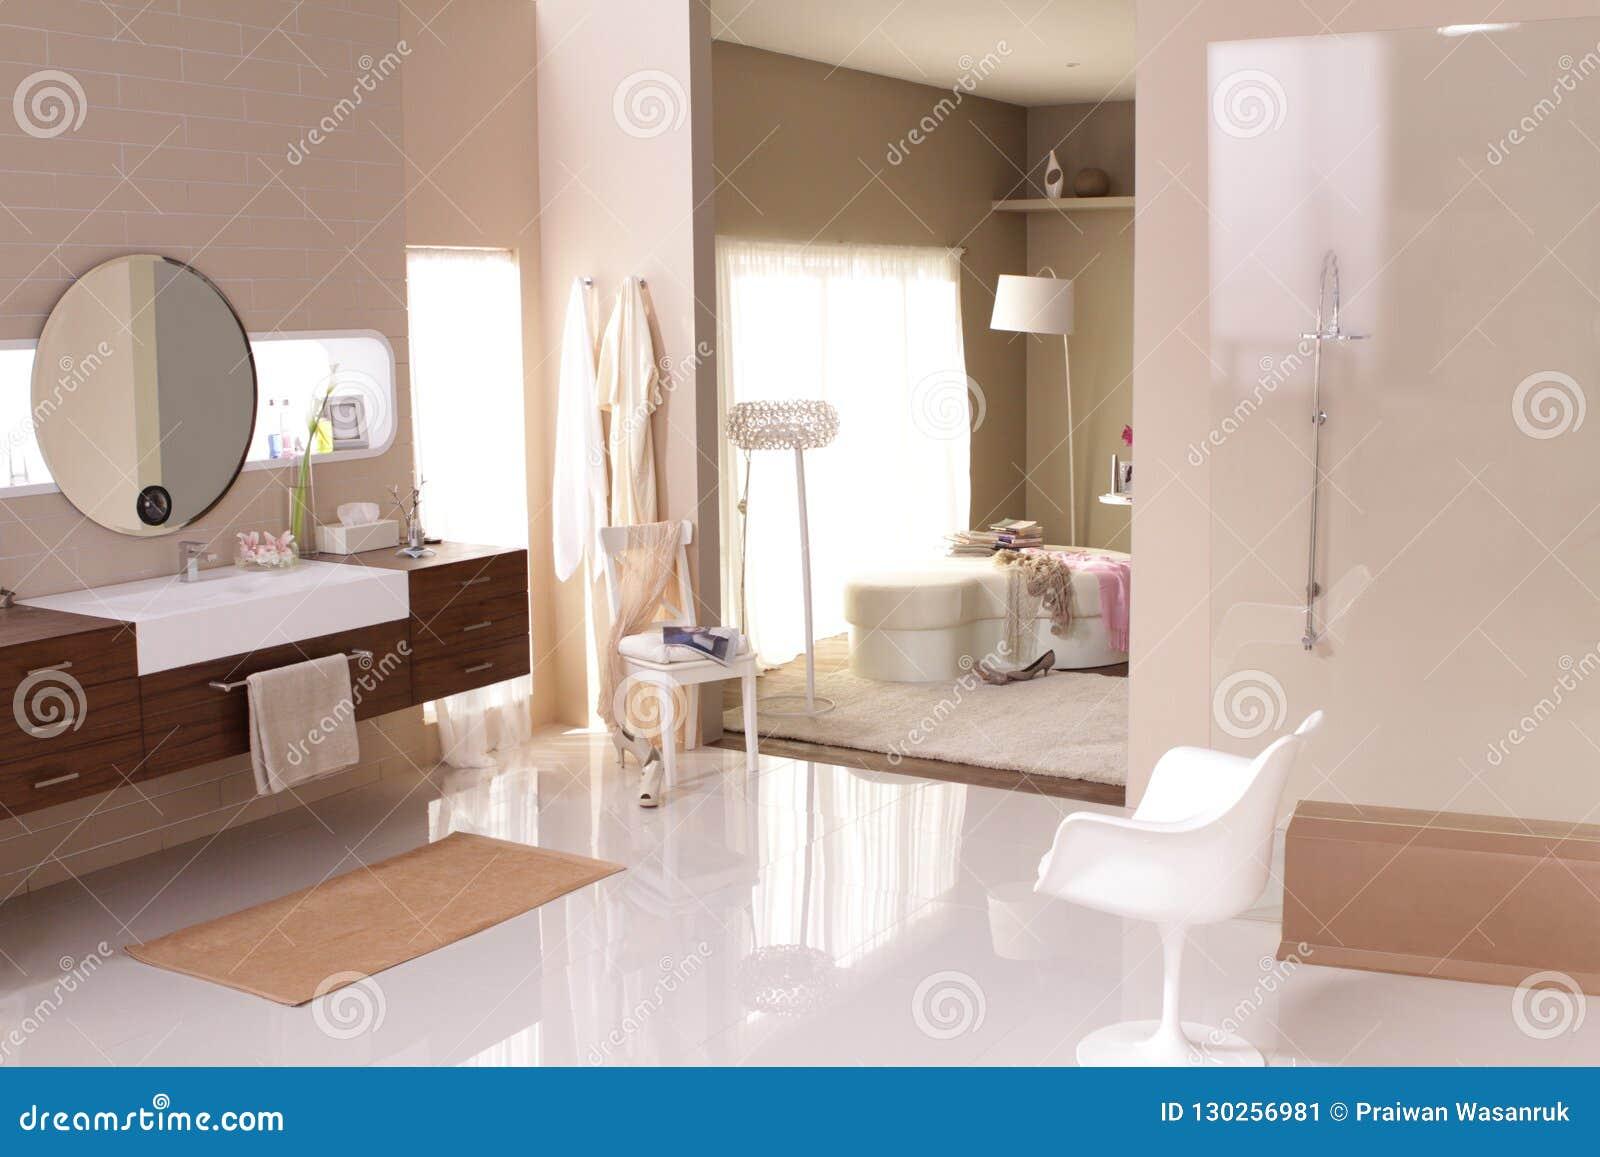 Más Allá De Un Cuarto De Baño De Lujo Es Un Dormitorio Imagen de ...